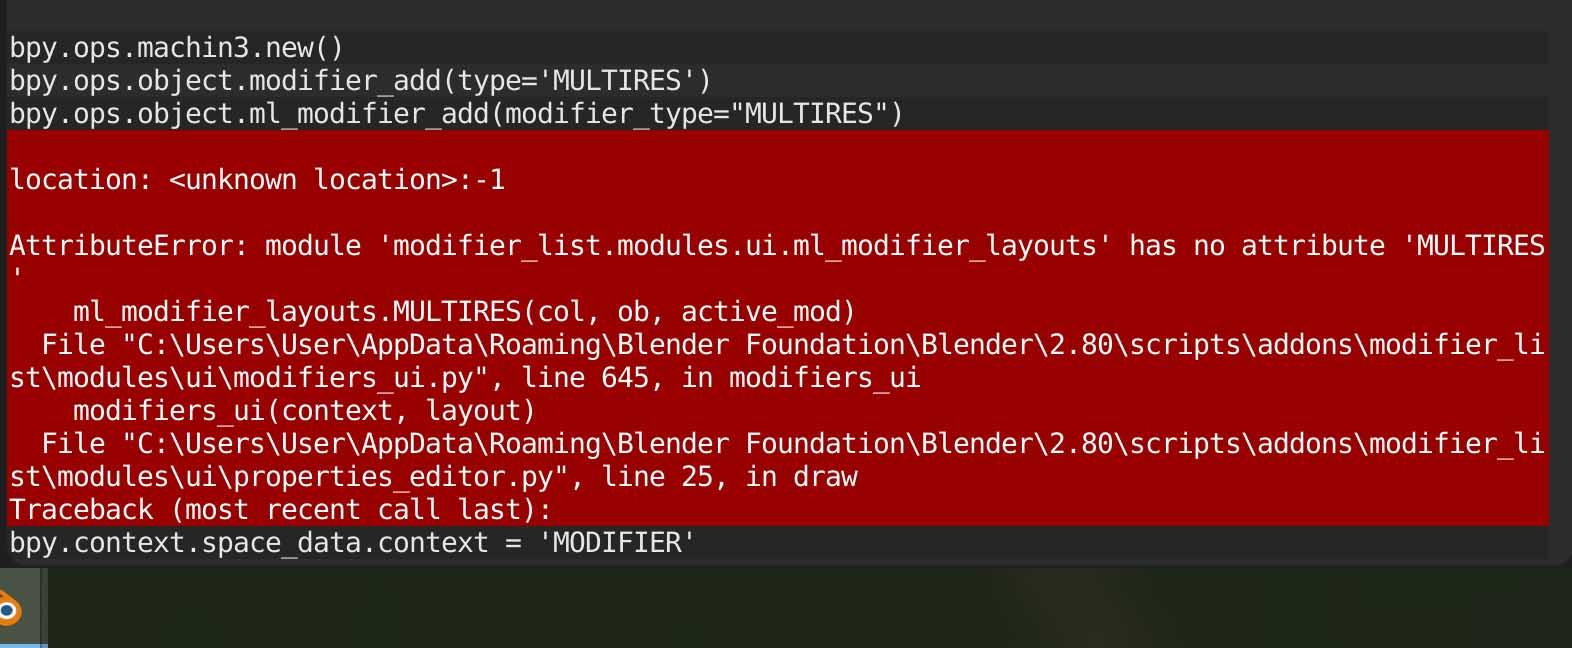 modifier-list-bug